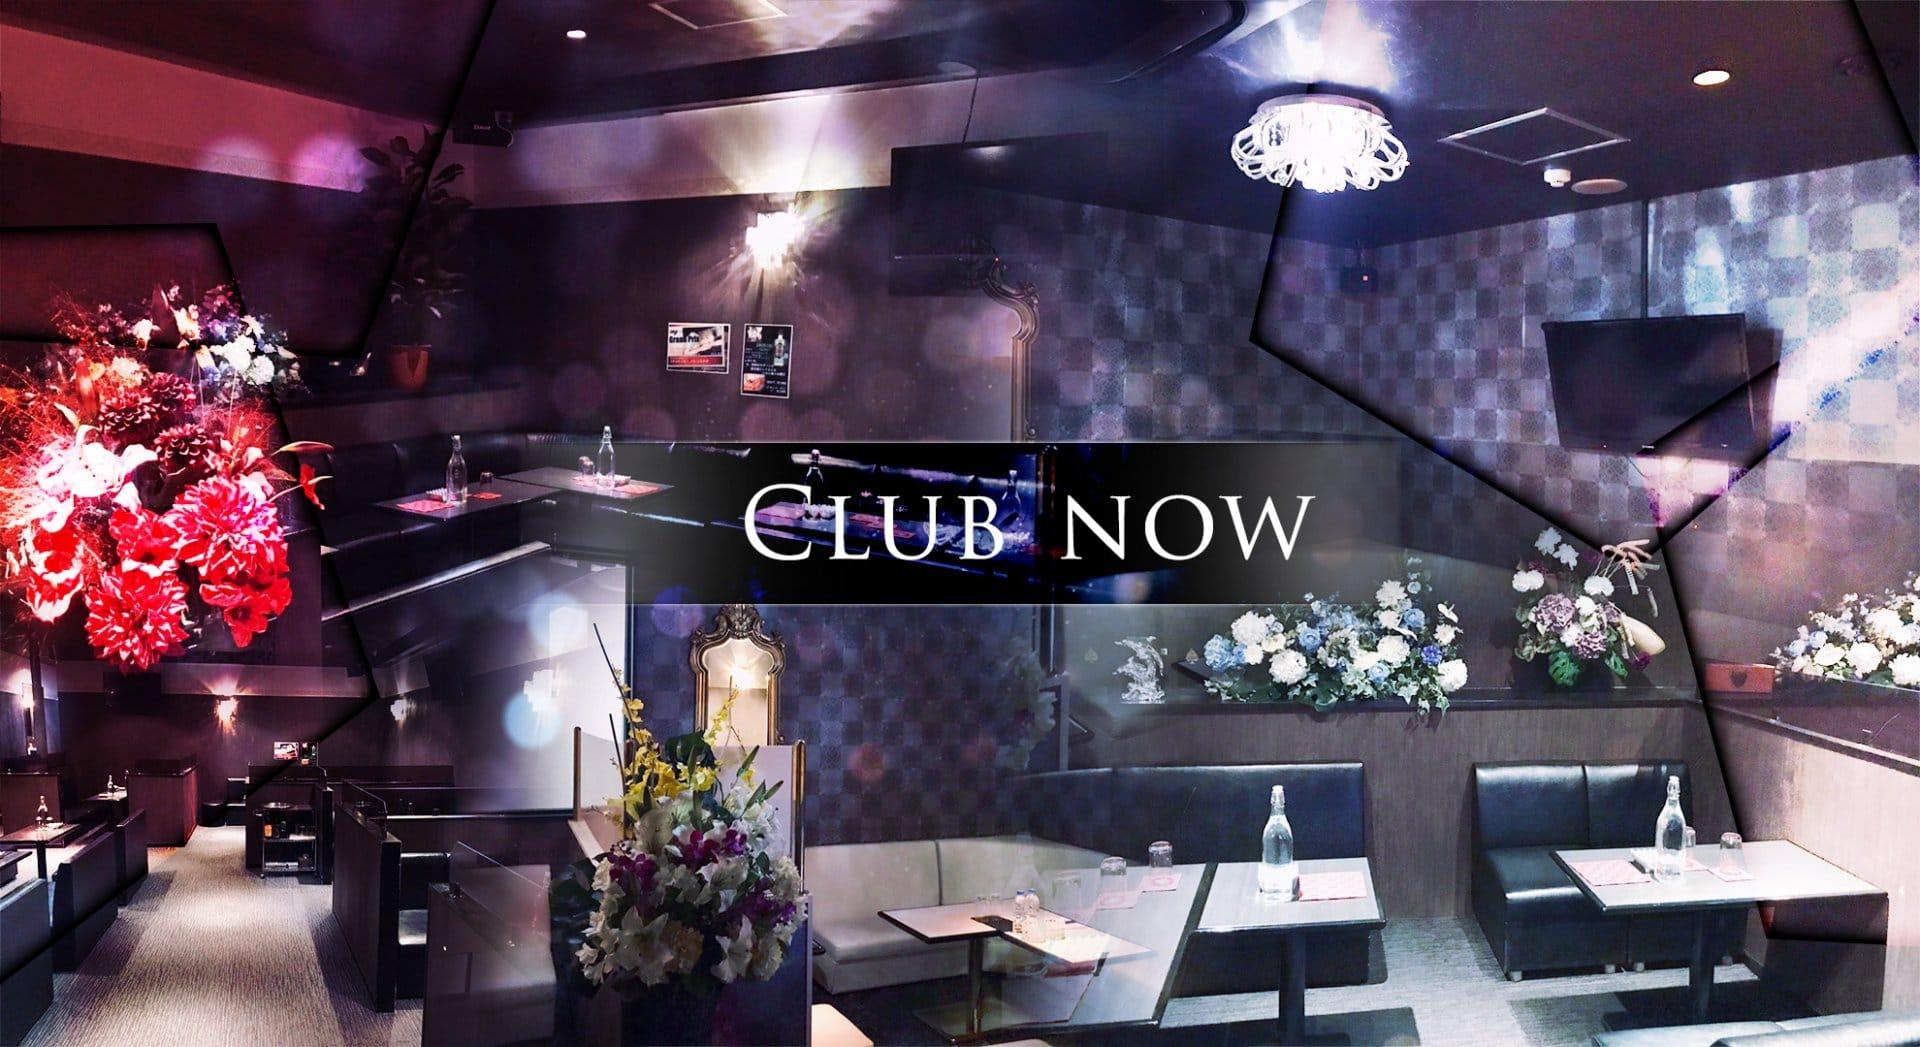 Club now[クラブ ナウ] 五井 キャバクラ TOP画像